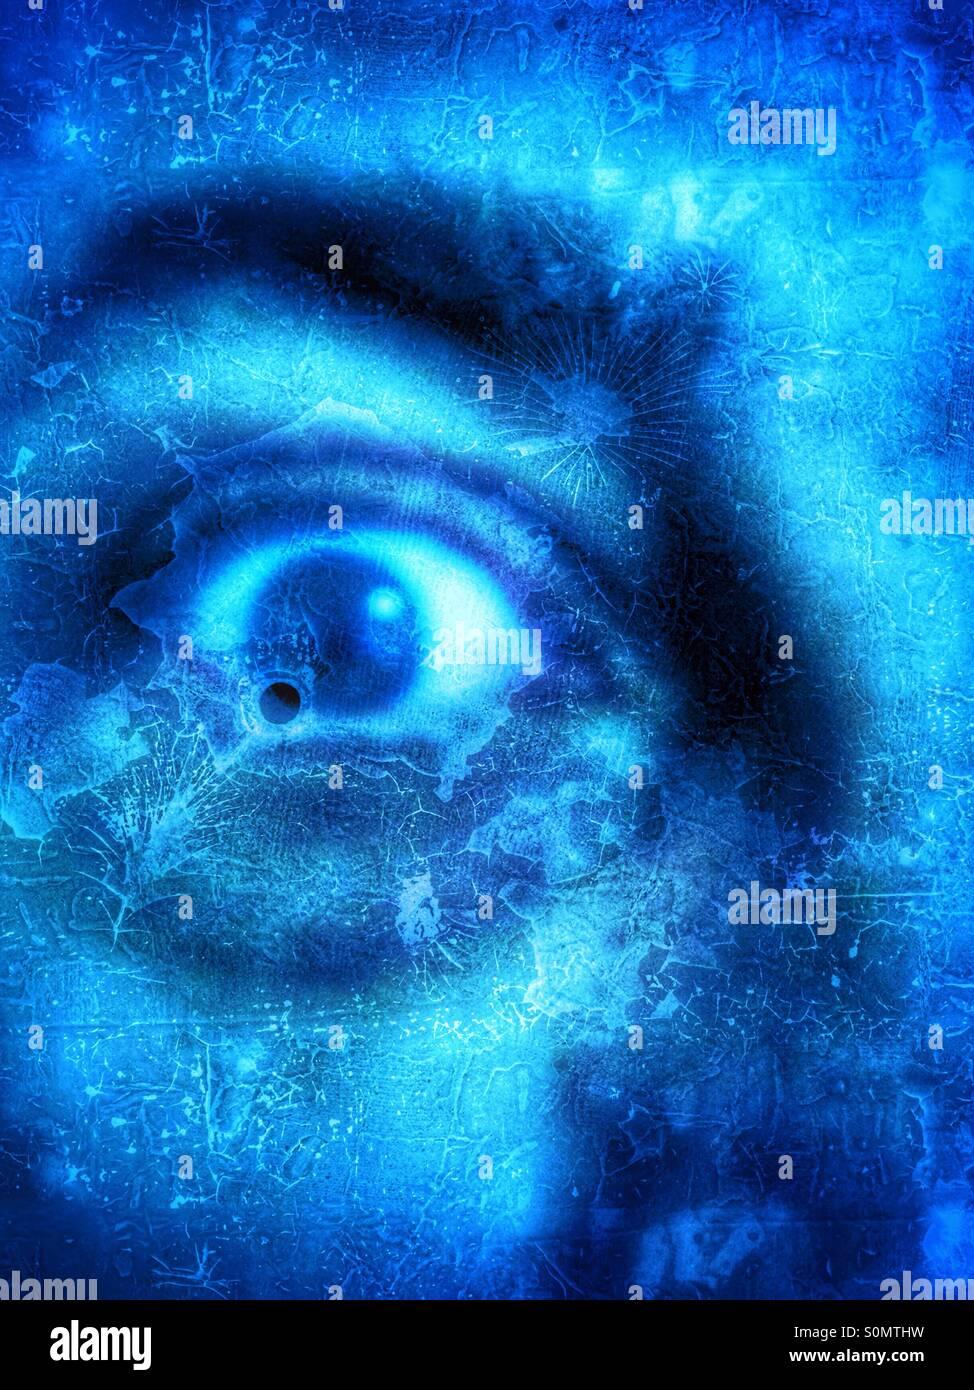 Close up di un uomo faccia con teint blu e effetto grunge, paura del concetto. Immagini Stock